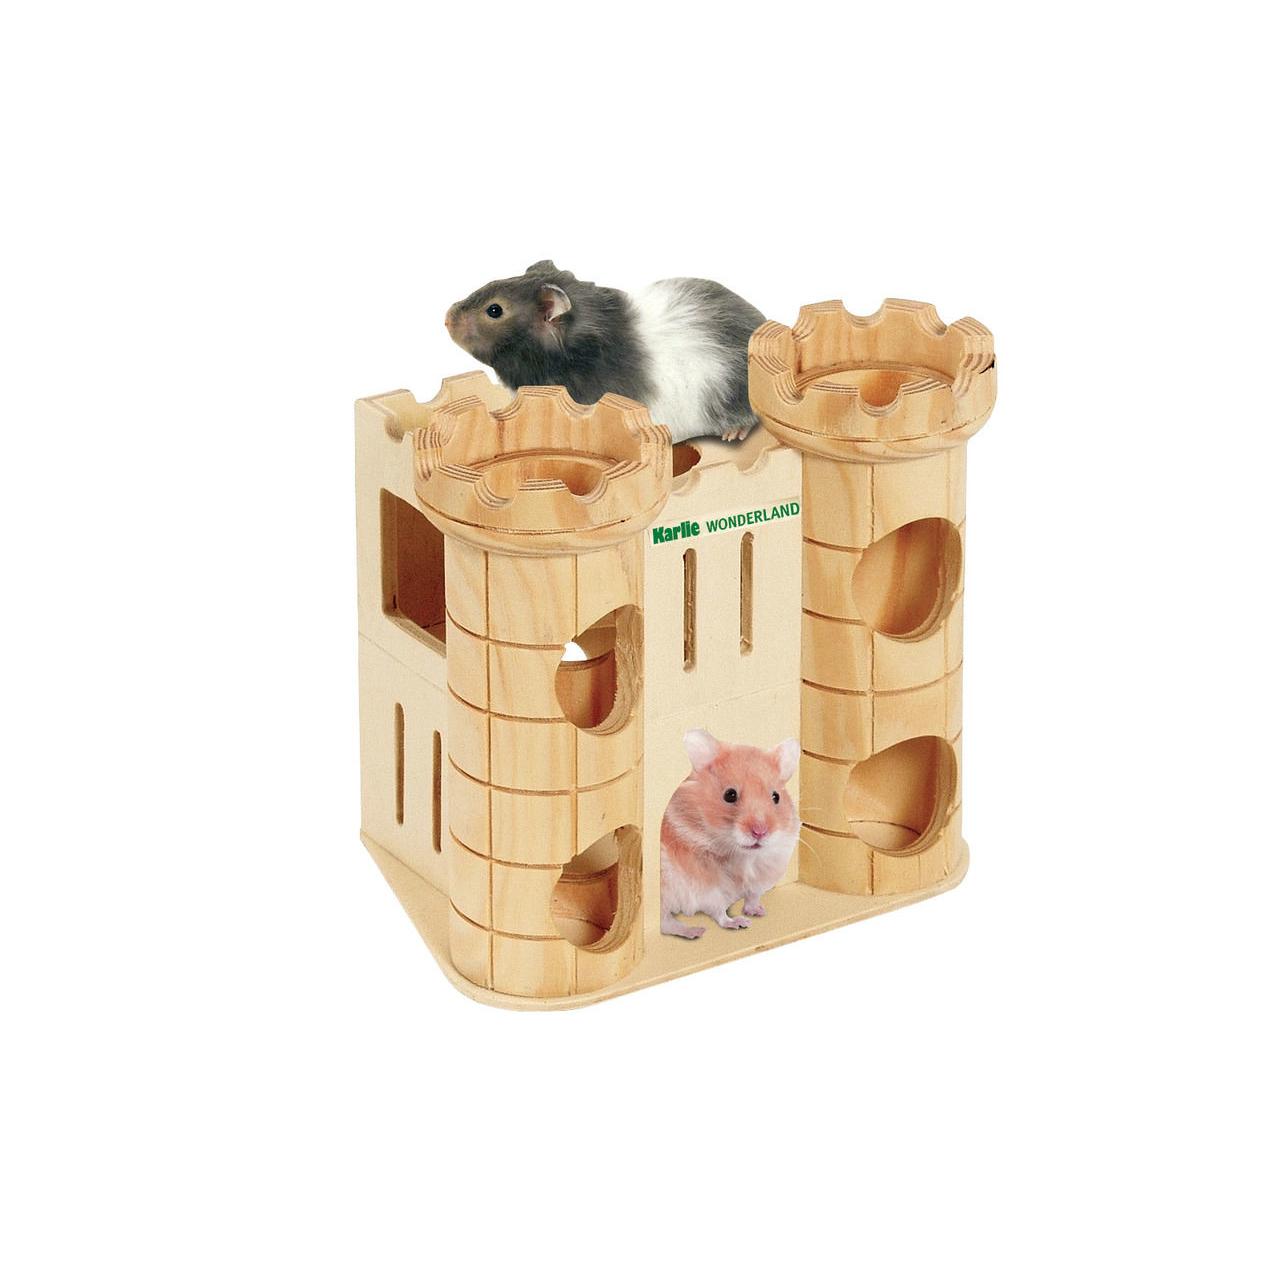 Karlie Wonderland Spielburg für Nager, Wonderland Häuser L: 16 cm B: 11 cm H: 15 cm